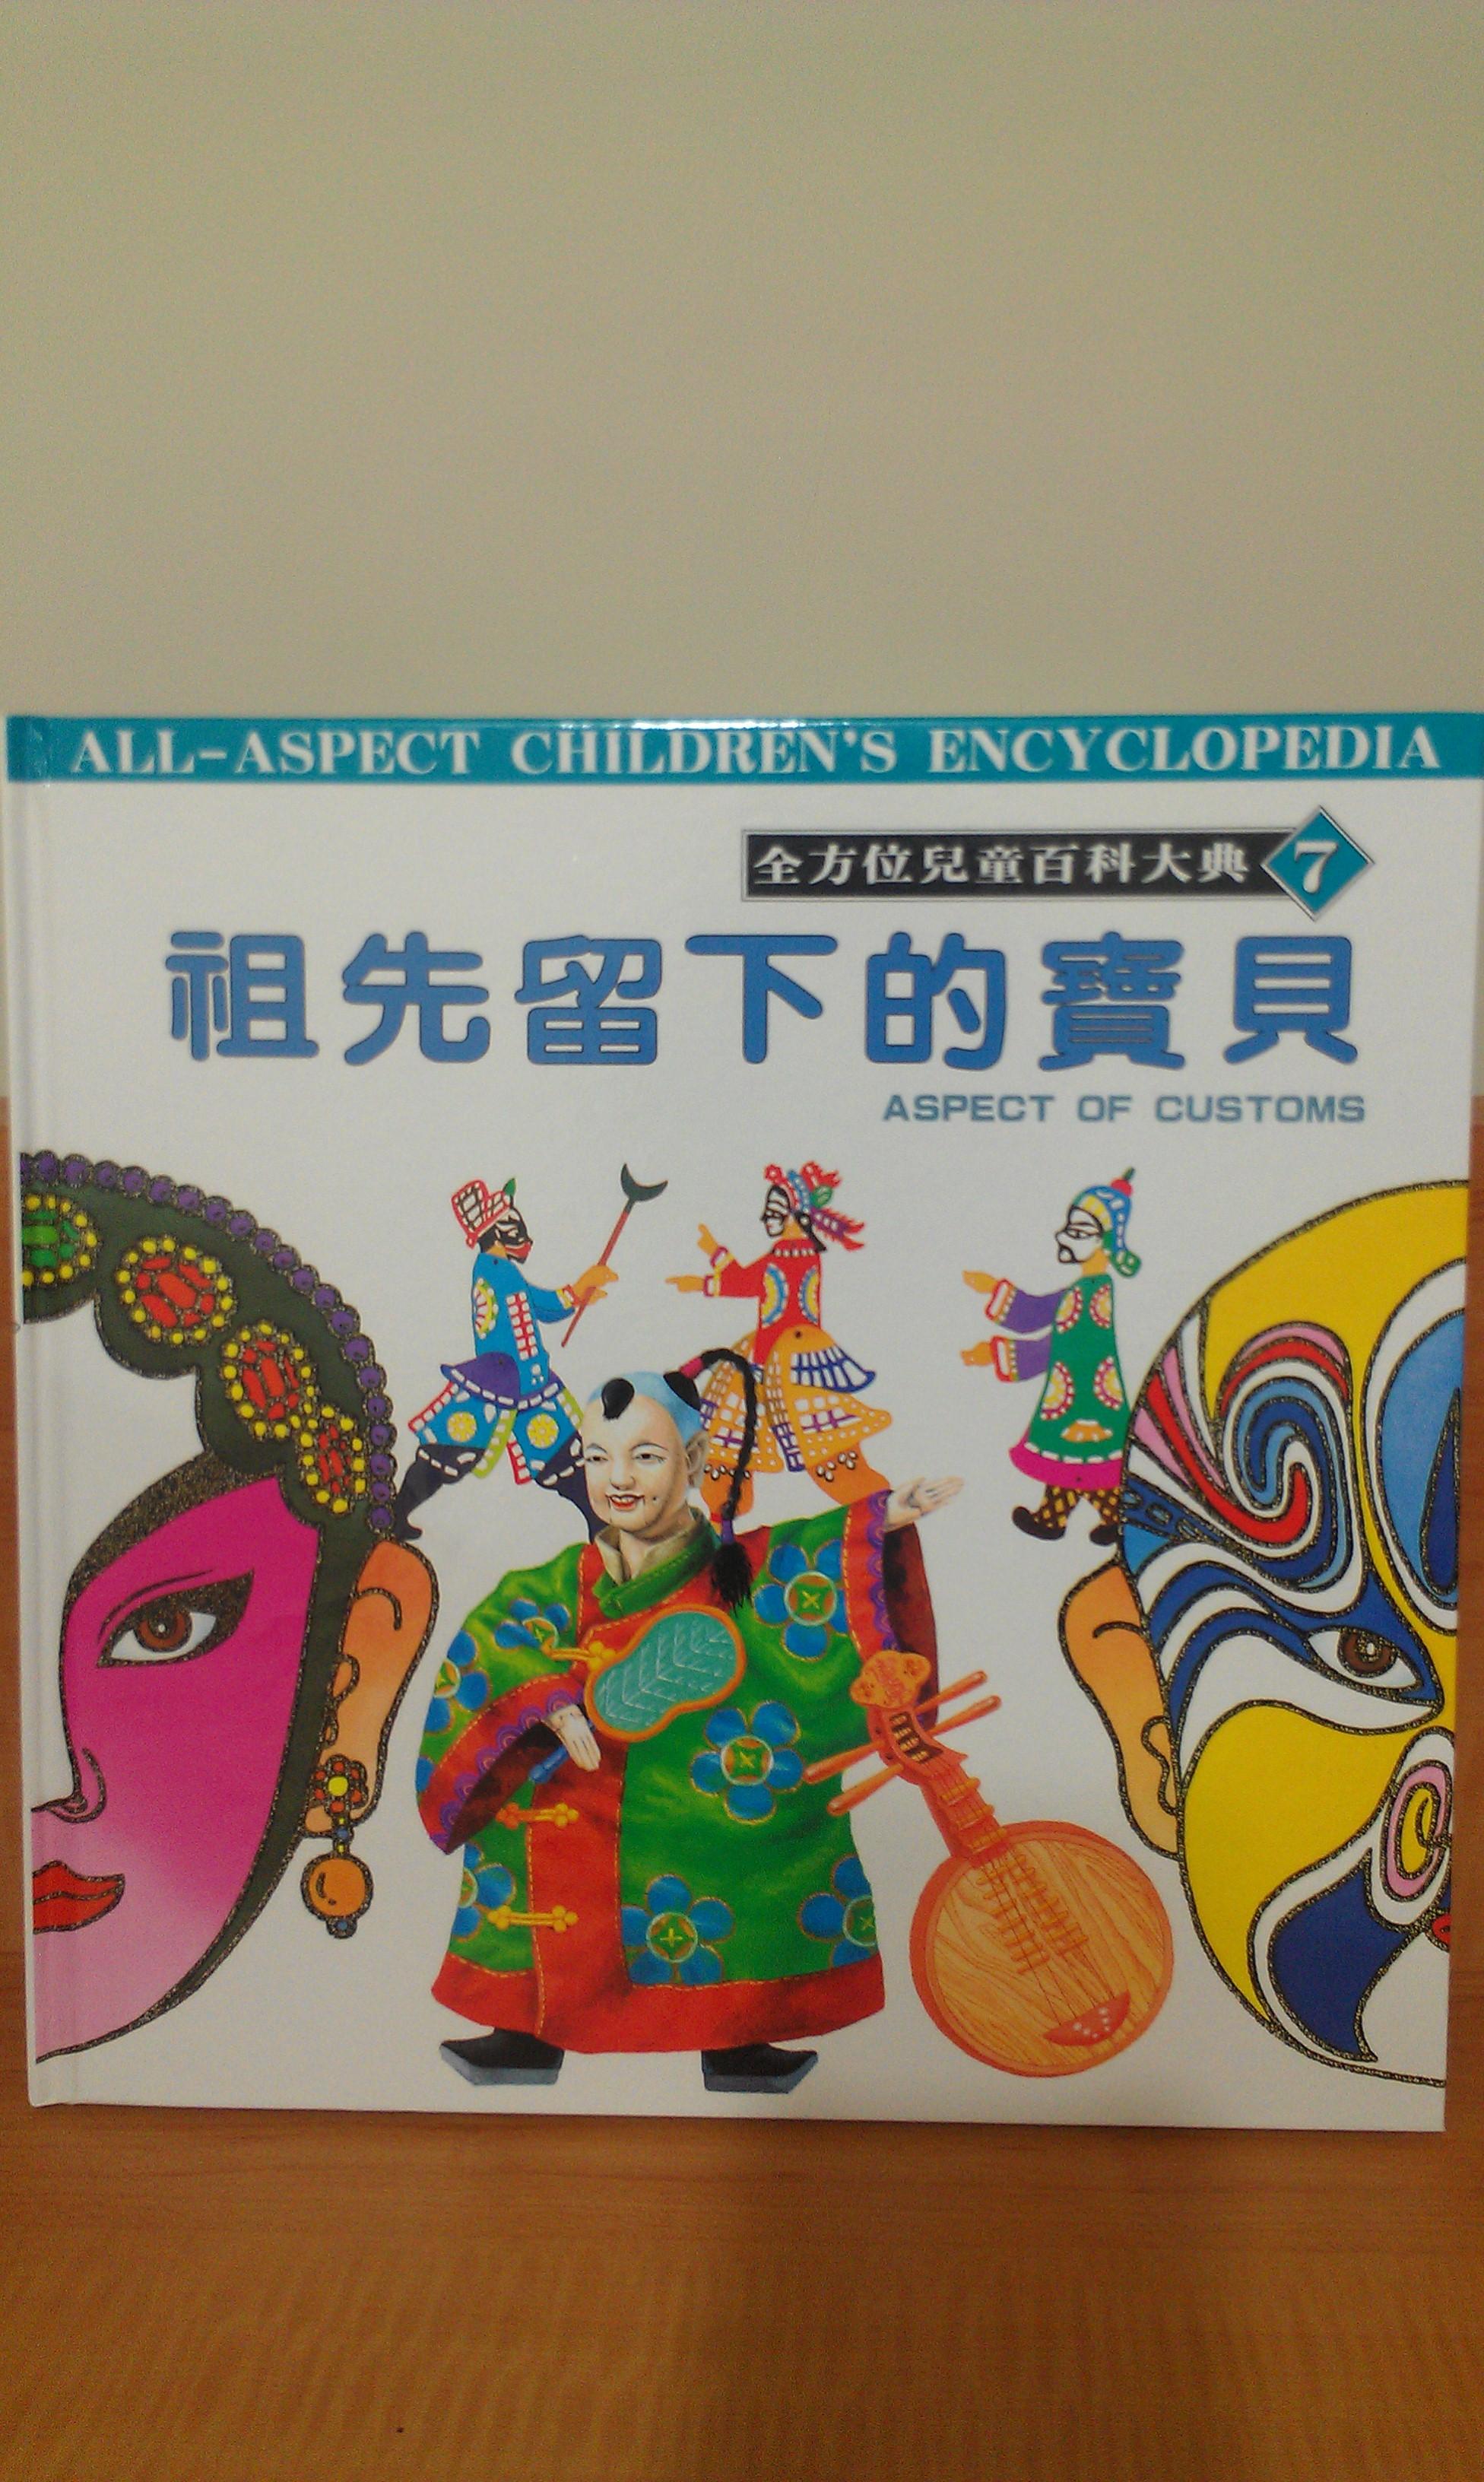 全方位兒童百科大典7 祖先留下的寶貝